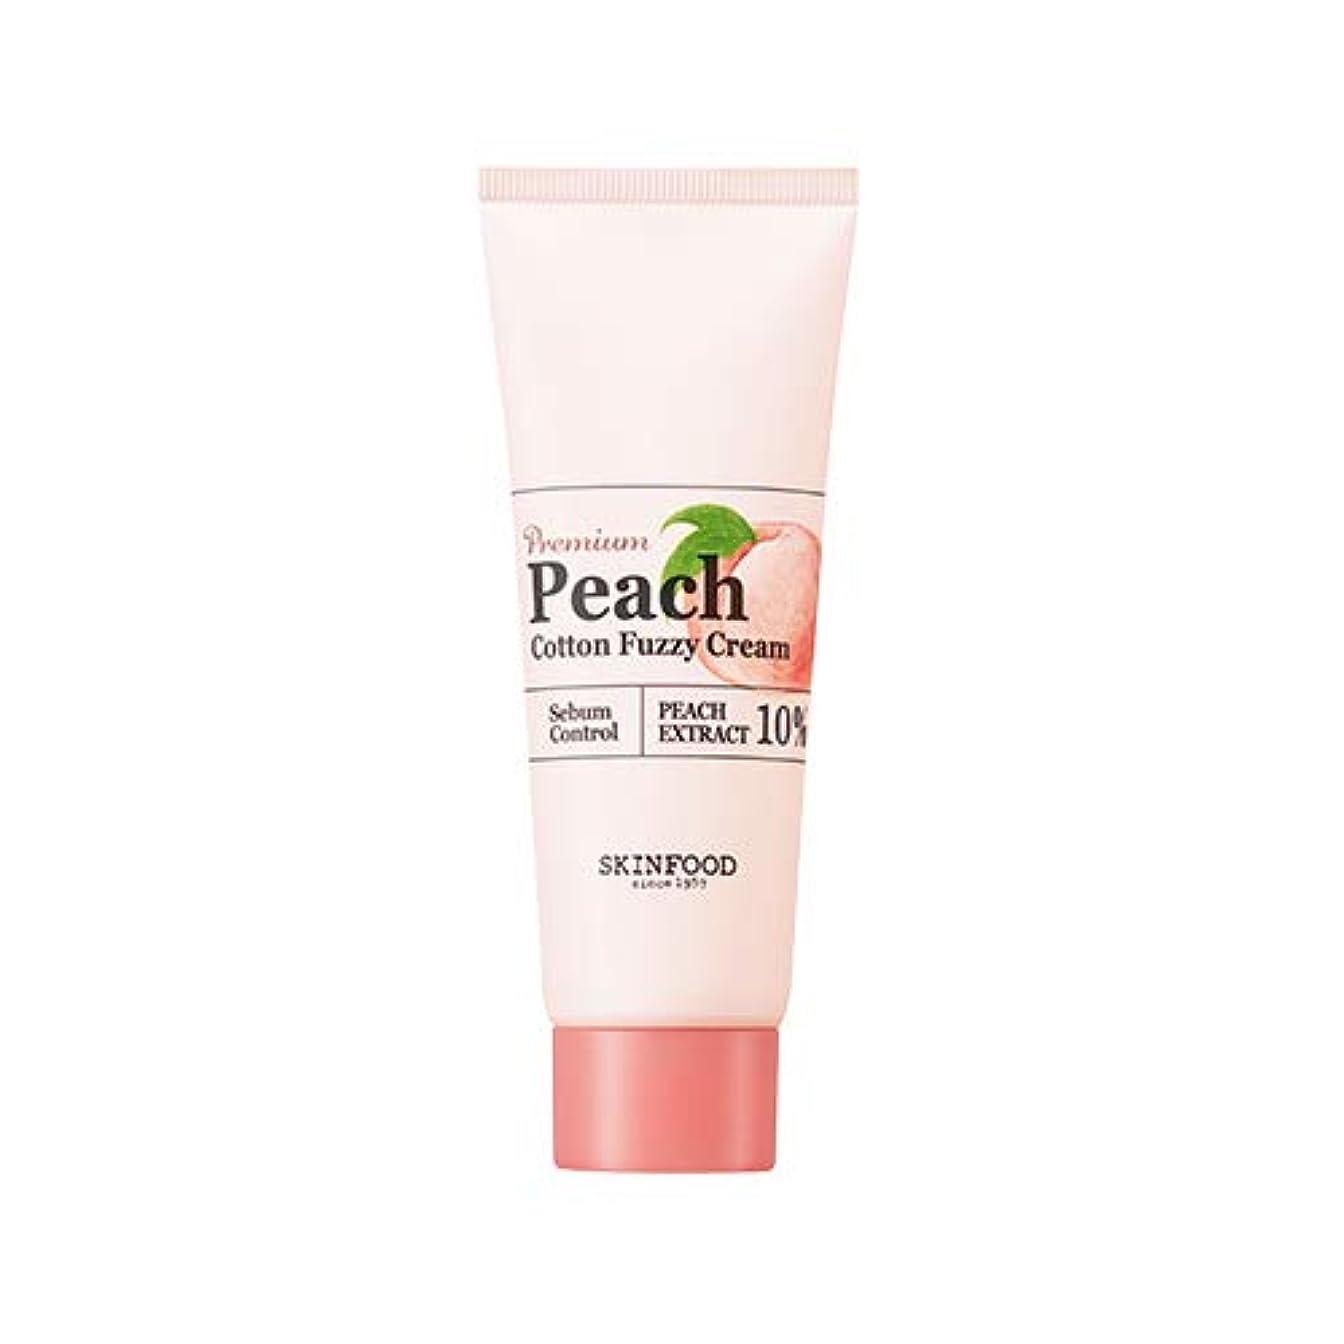 ガロン事実ブラウスSkinfood プレミアムピーチコットンファジークリーム/Premium Peach Cotton Fuzzy Cream 65ml [並行輸入品]